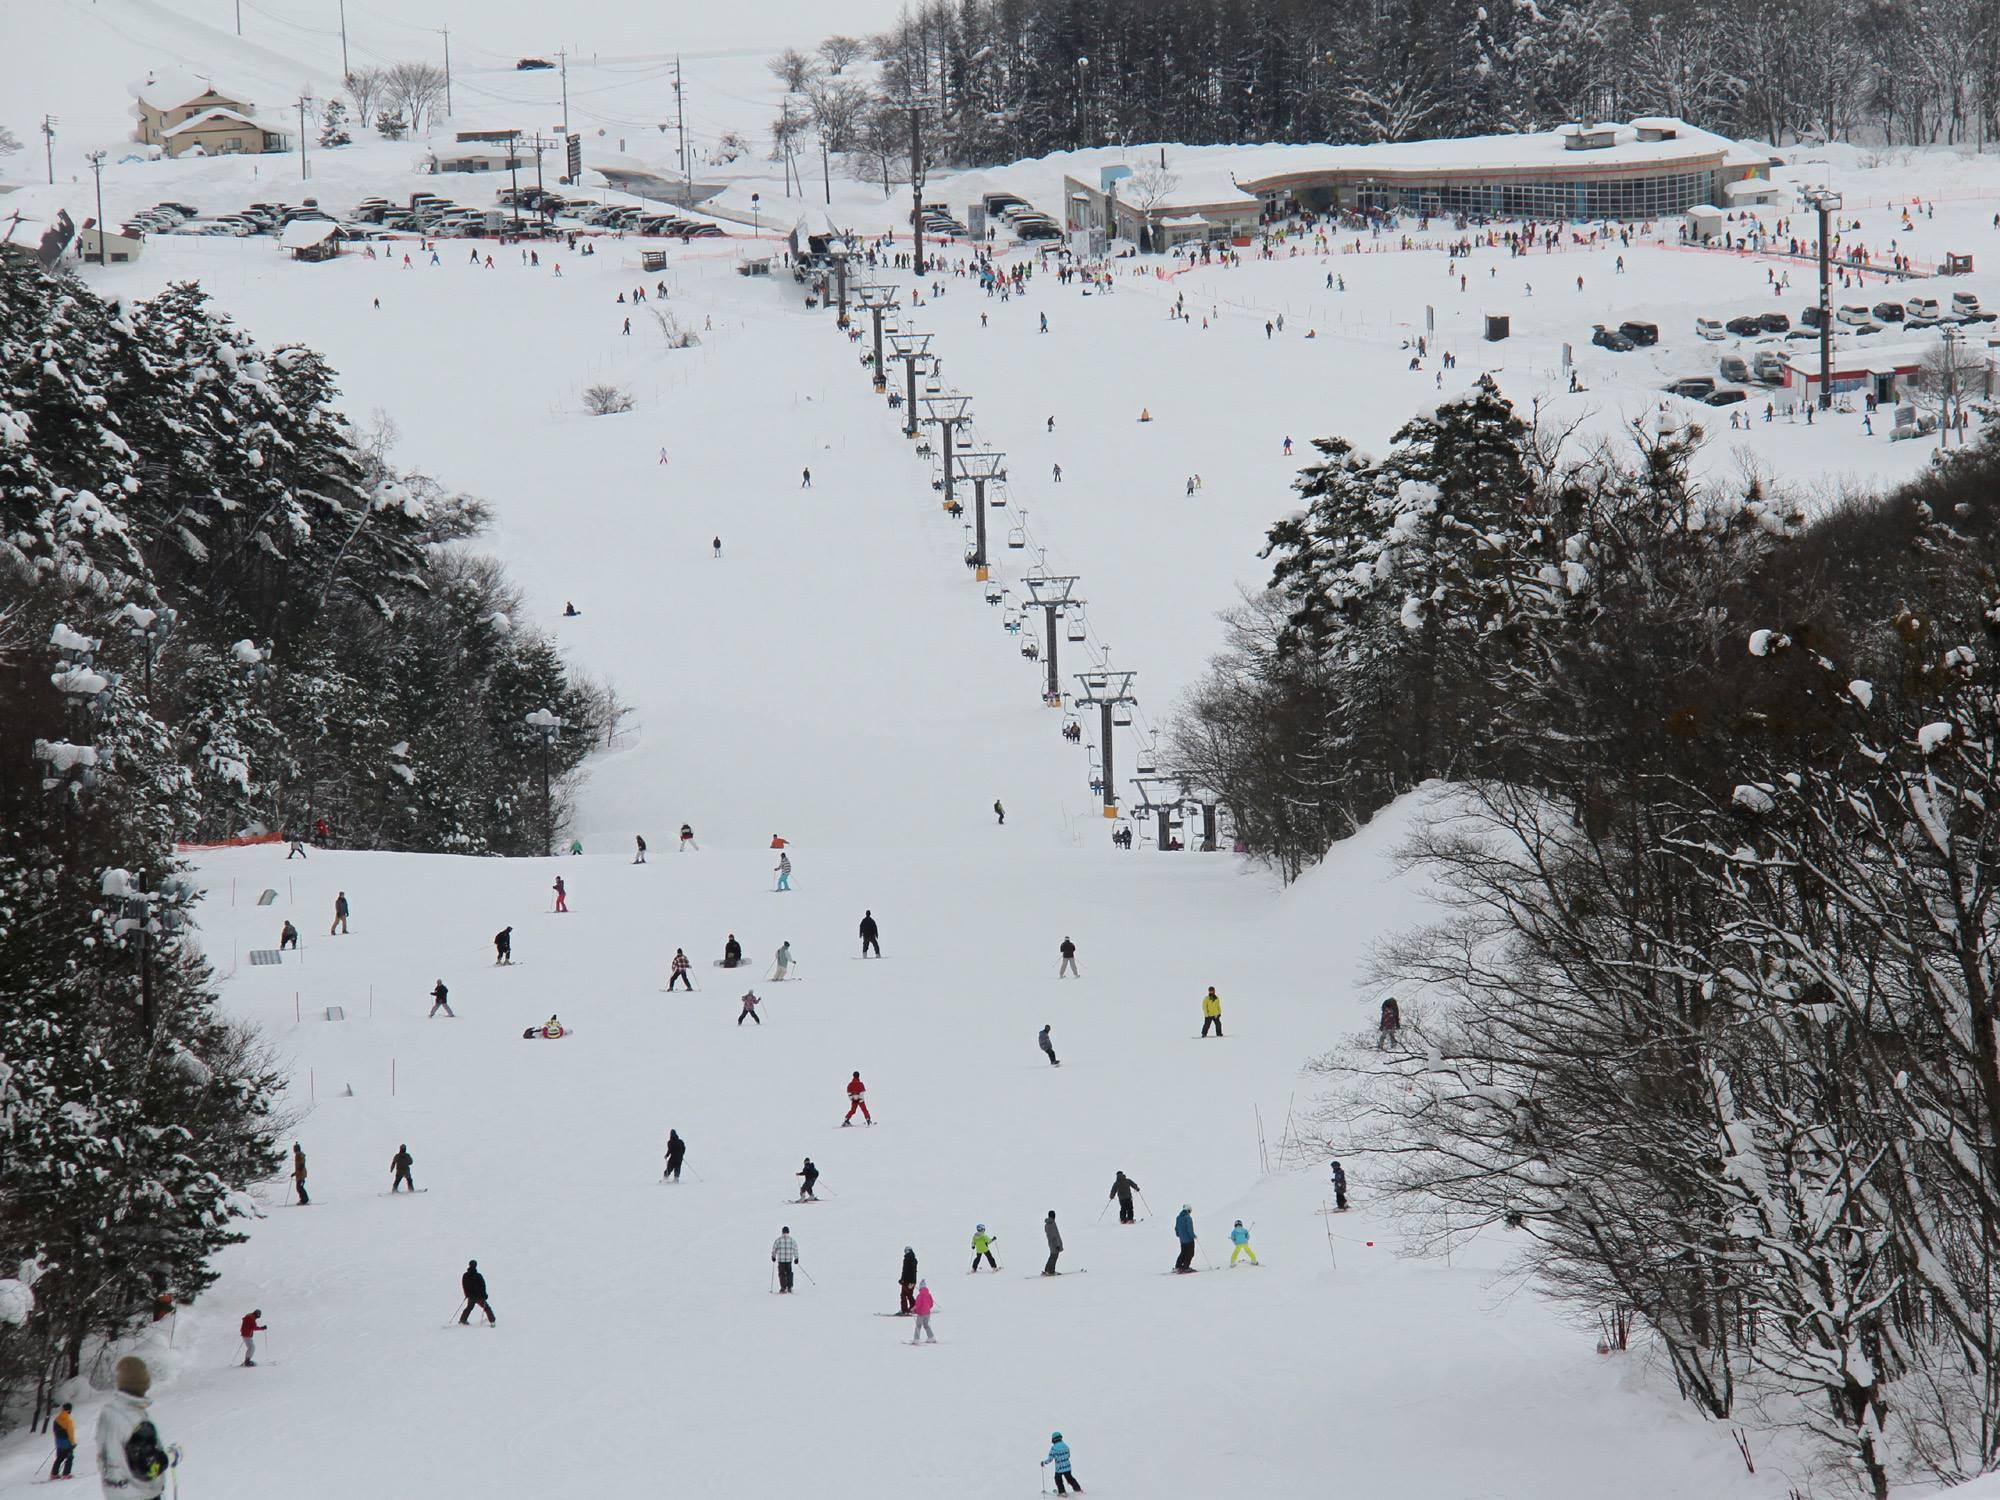 いいづなリゾートスキー場<br />12月23日(土)オープンしました。